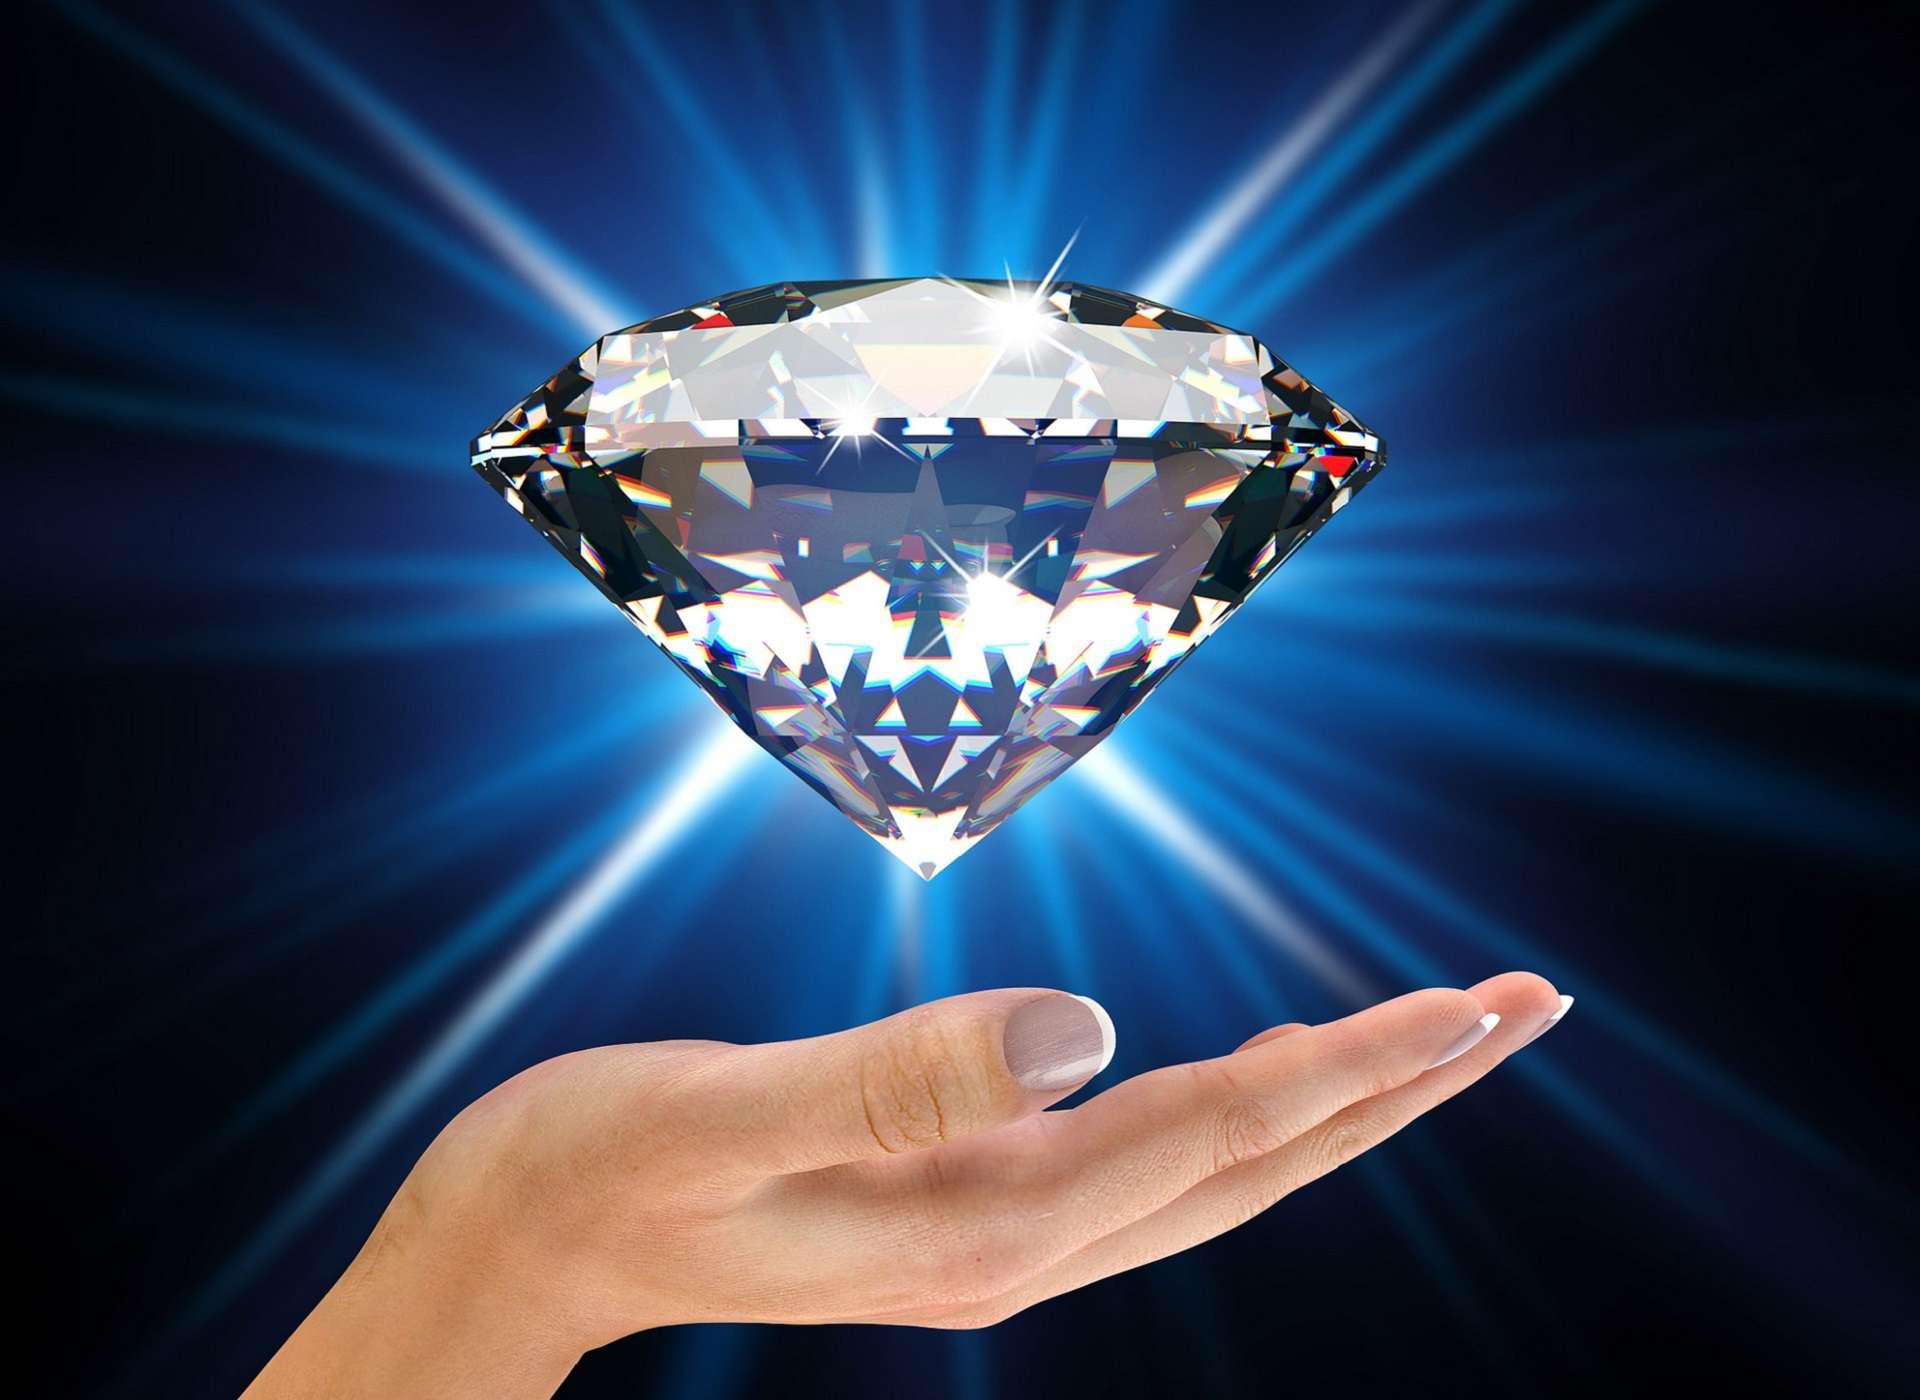 чая картинки ты прекрасна как бриллиант представляет